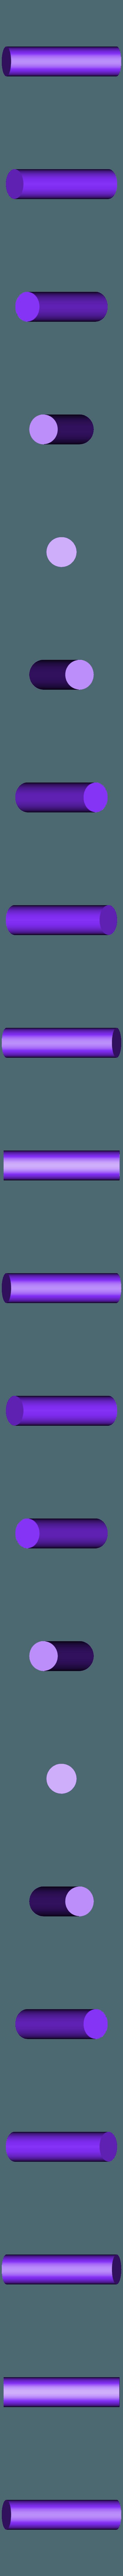 Arm-Right-Pin.stl Télécharger fichier STL gratuit Big Optimus Prime! - Modèle multi-matériaux • Plan pour imprimante 3D, ChaosCoreTech